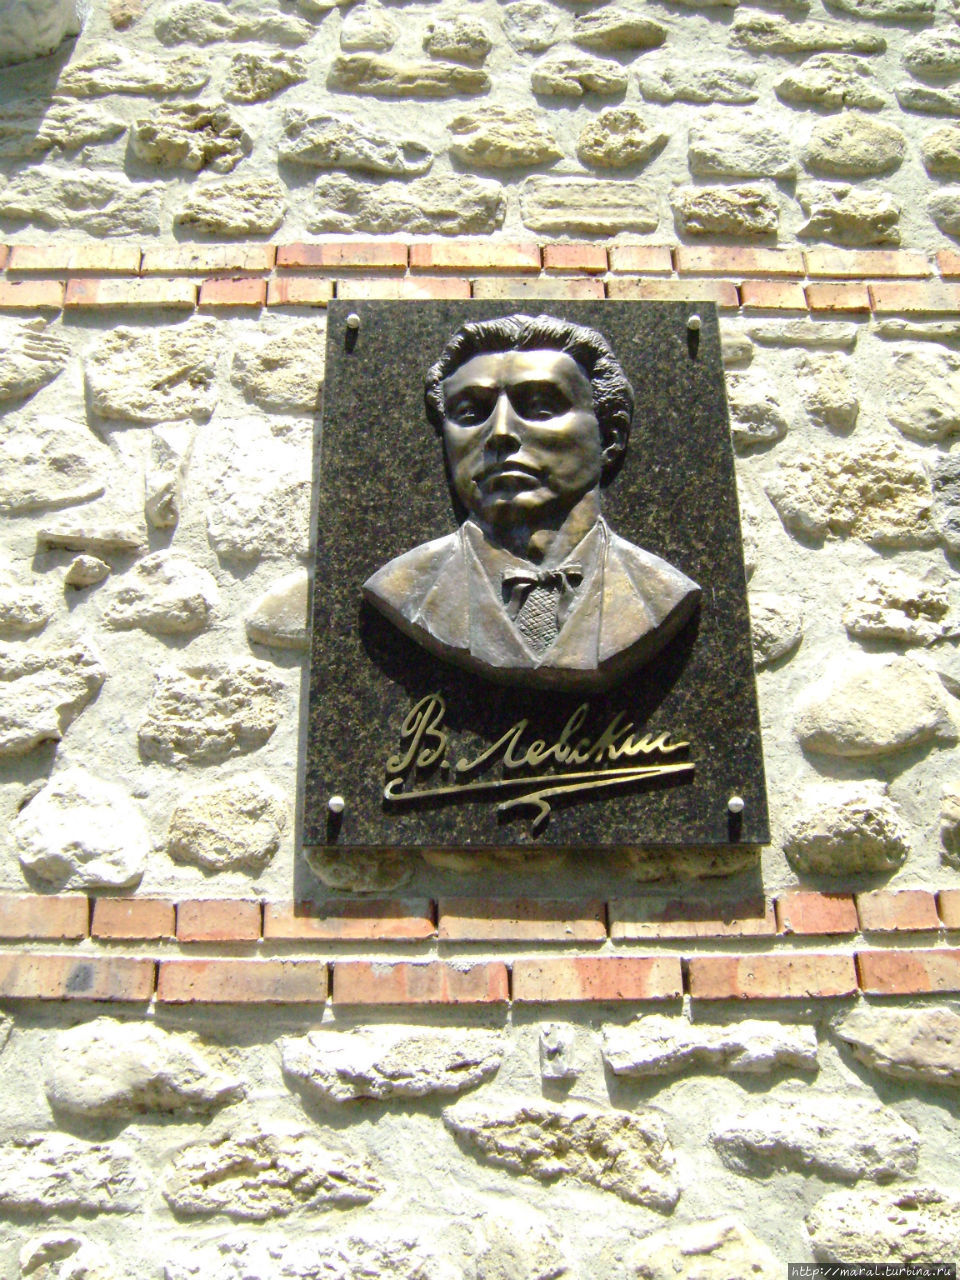 Васил Левски — болгарский революционер, который боролся за освобождение Болгарии от турецкого господства